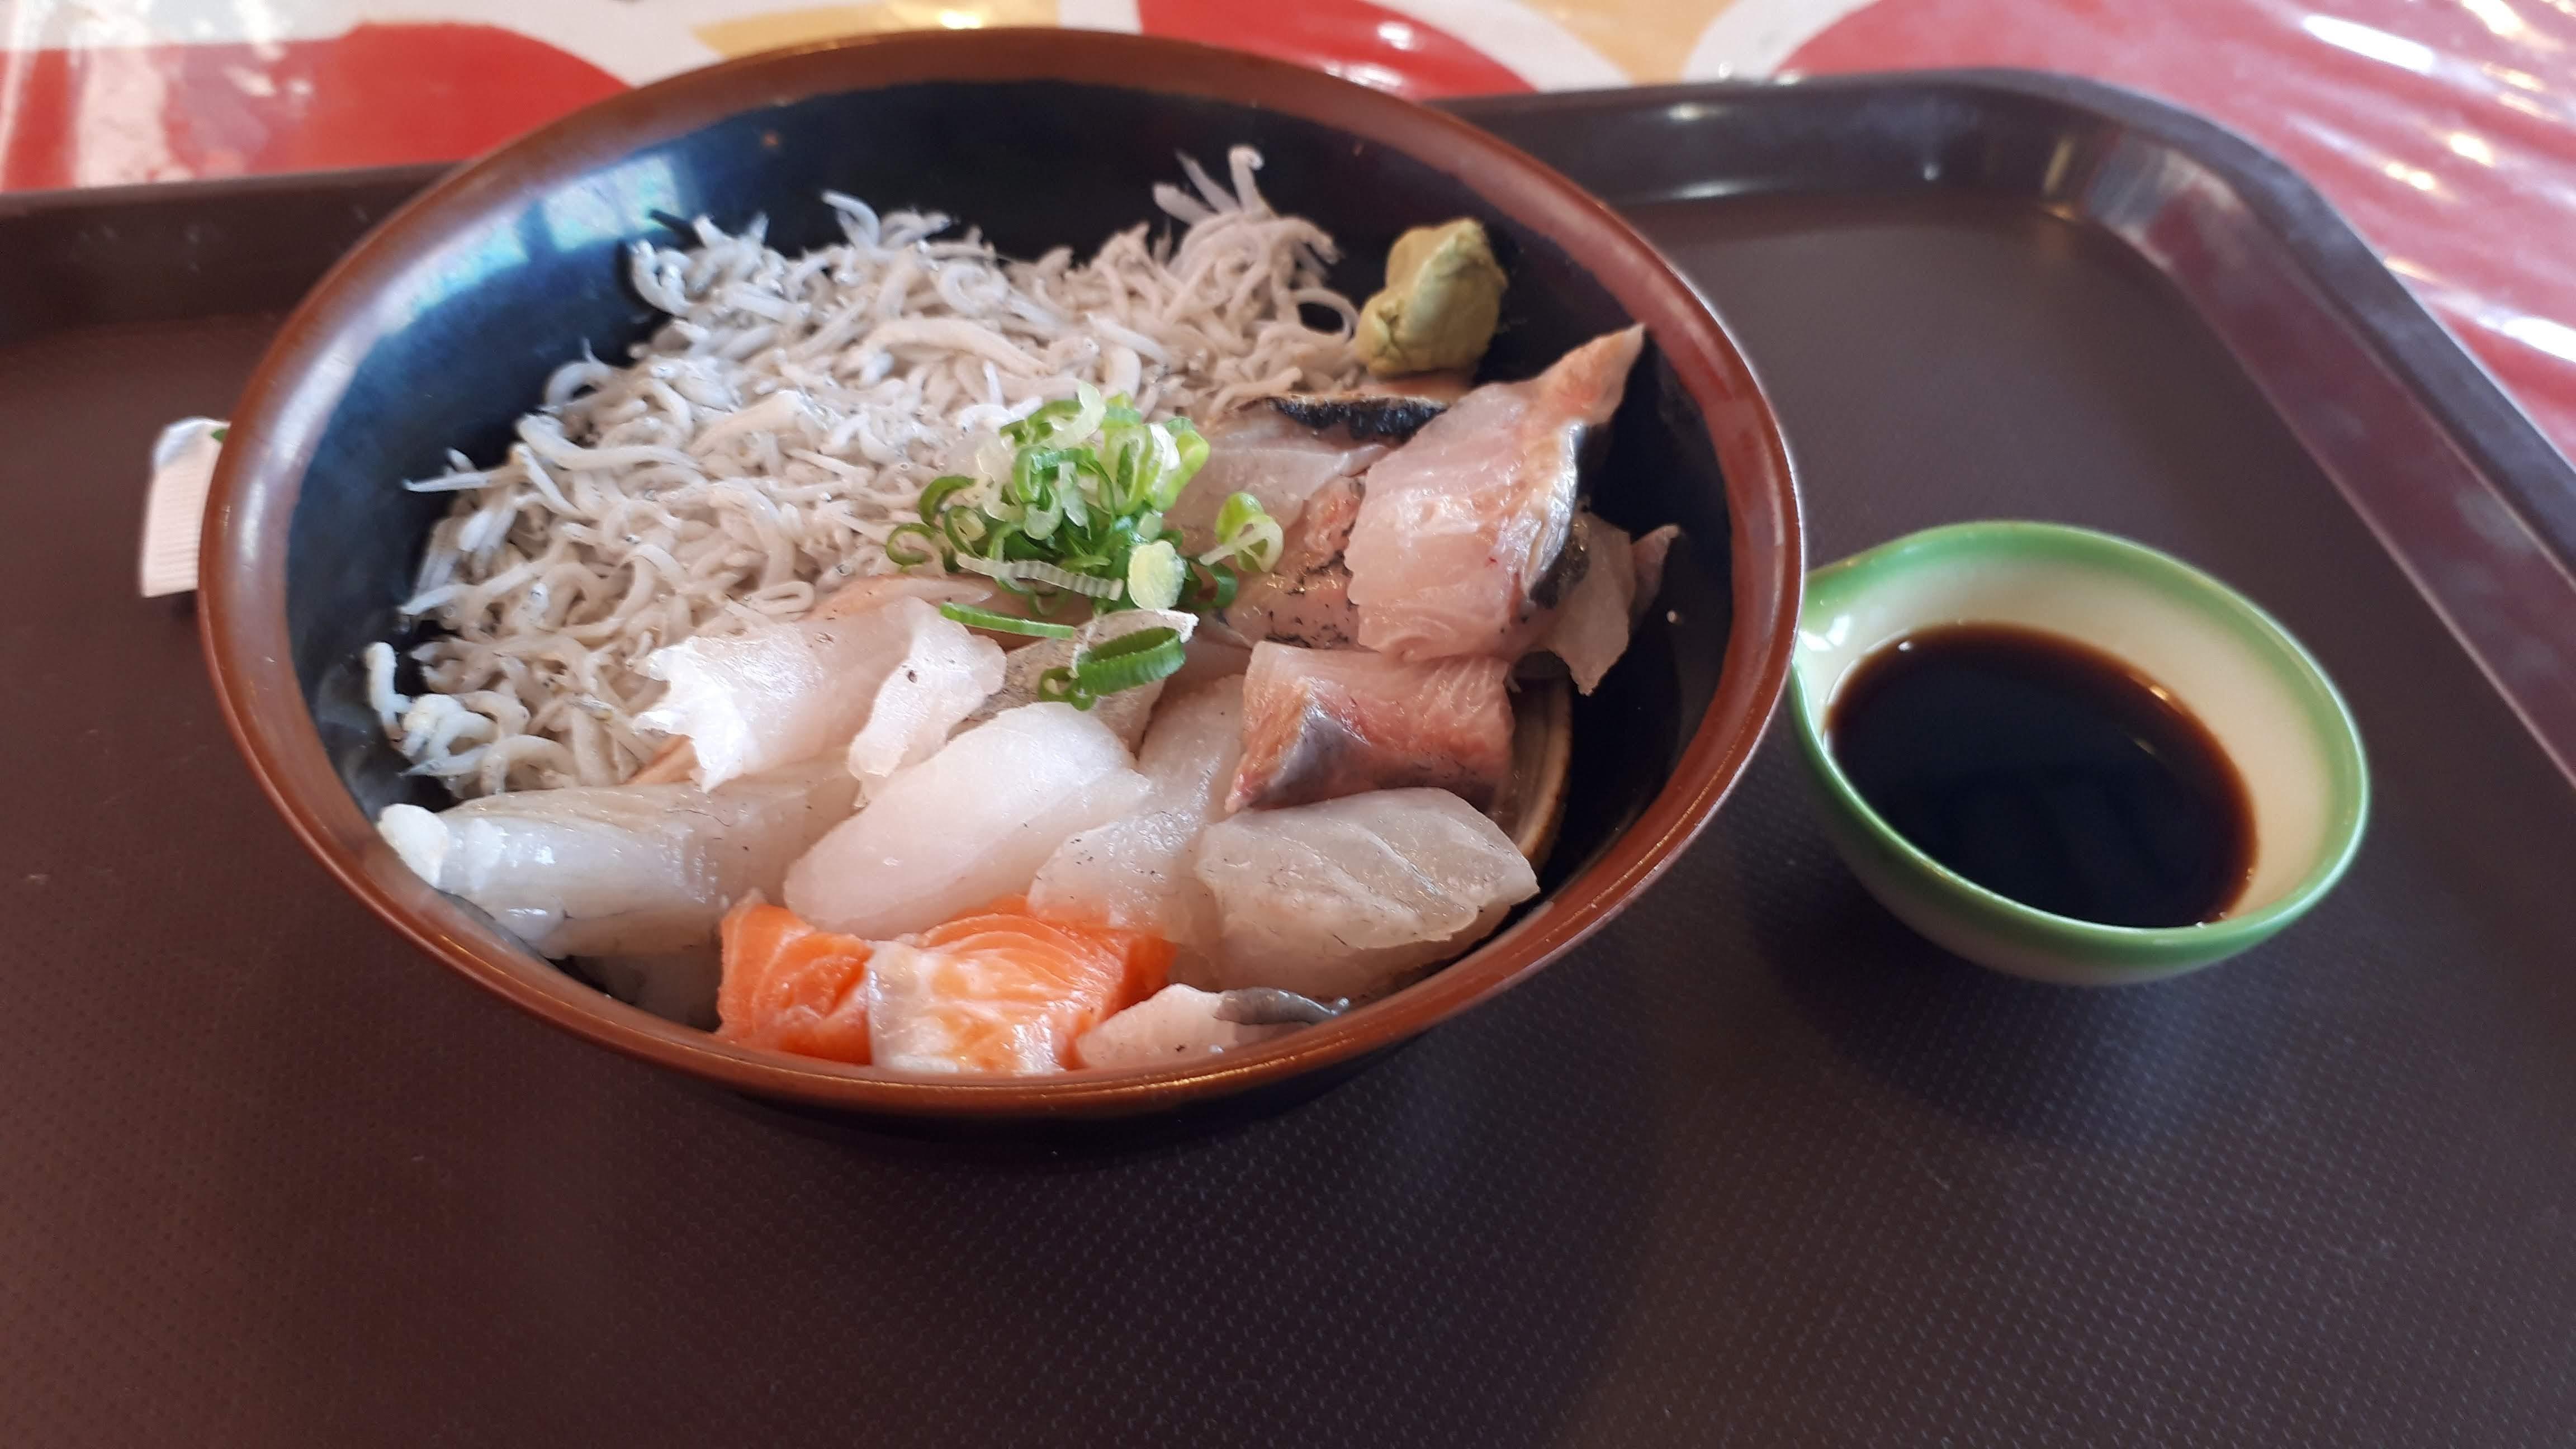 朝食モーニングにもおすすめ!八幡浜みなっと内「どーや食堂」の朝食限定「まかない海鮮丼」を食べてきたよ!